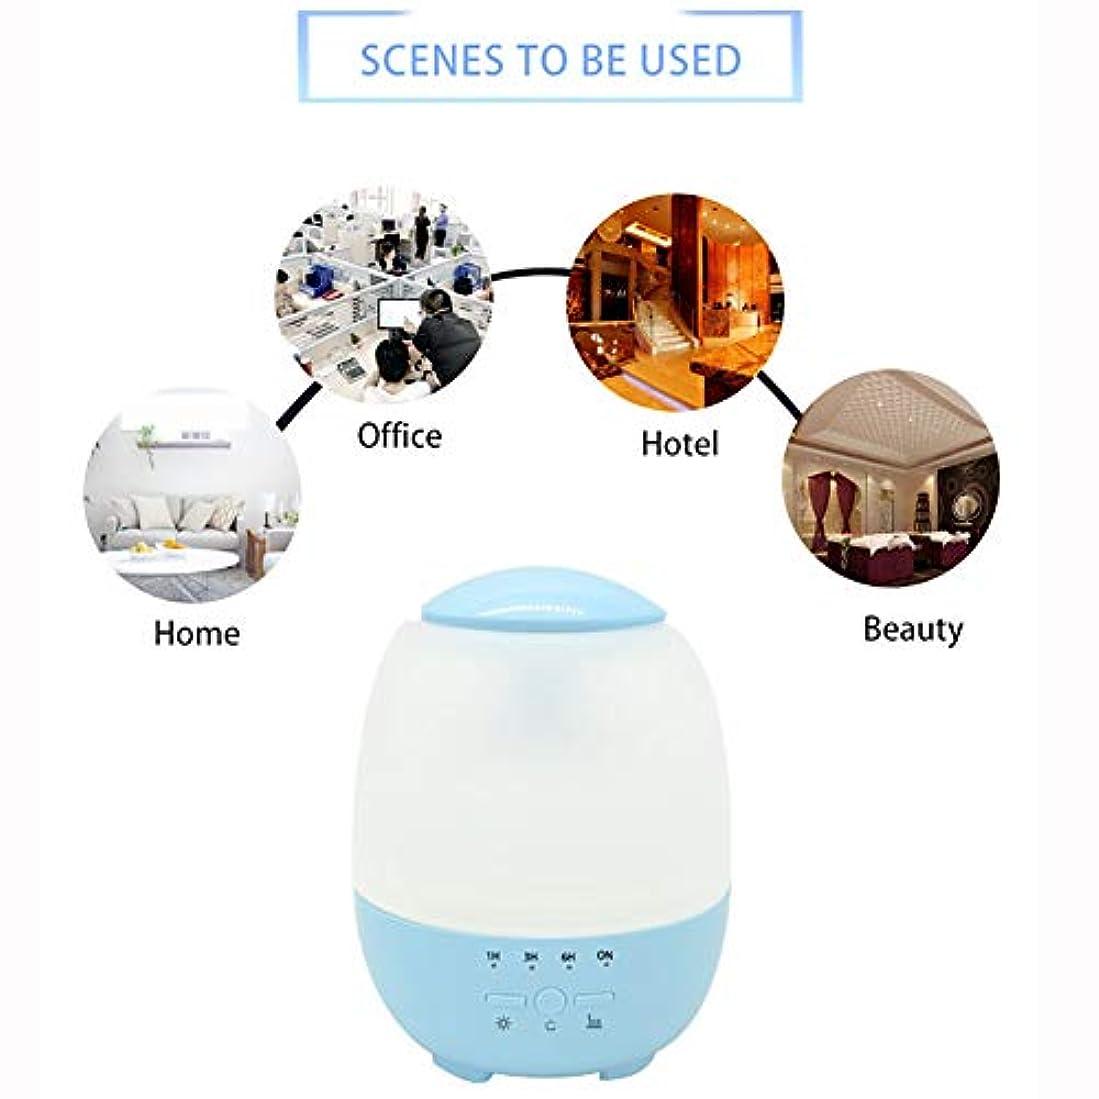 パーティションするだろう継承エッセンシャルオイルディフューザーと加湿器、ミストエッセンシャルオイルアロマ加湿器用の超音波アロマディフューザー、7色LEDライト,Blue